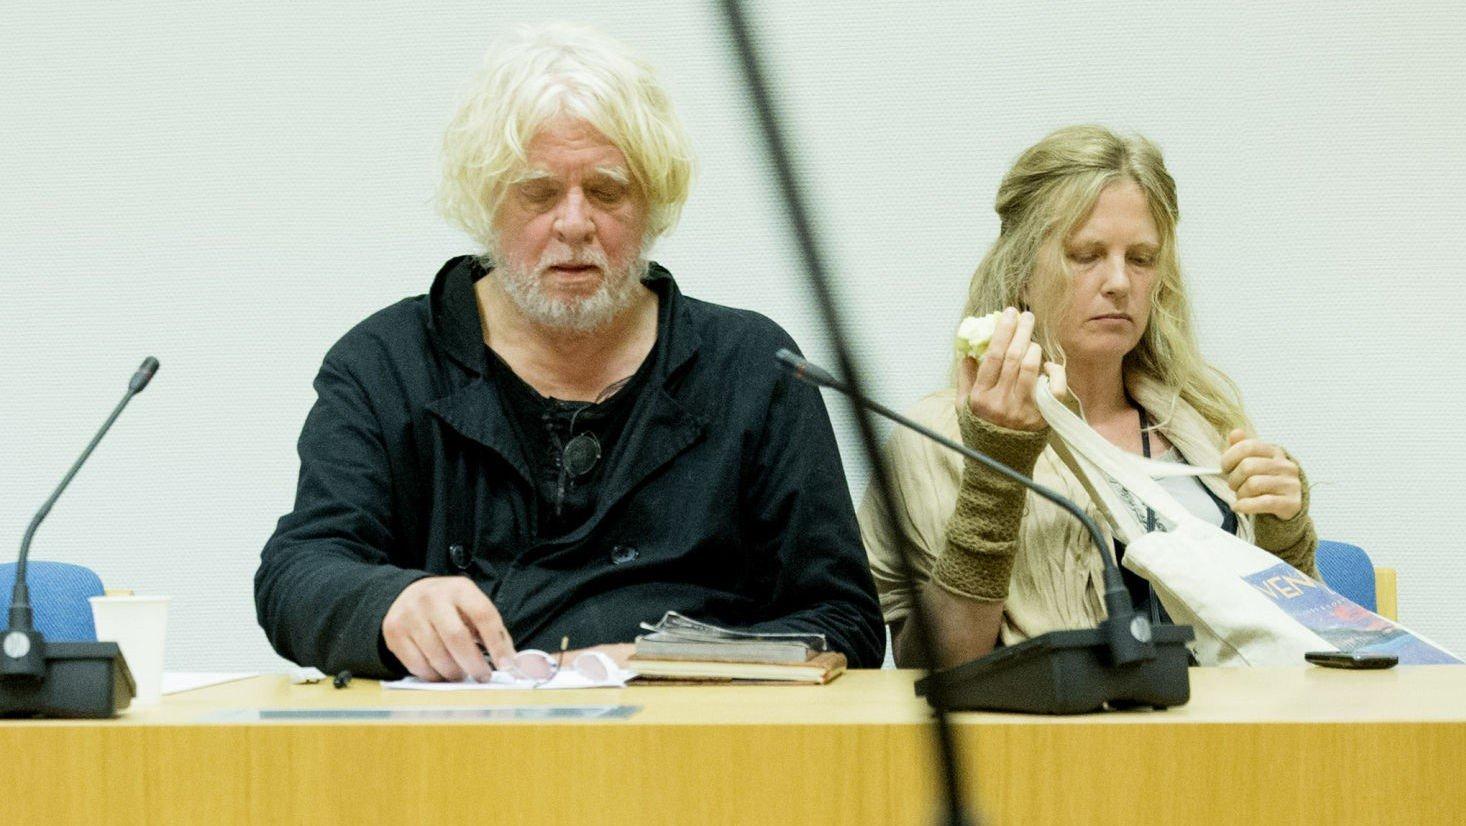 I RETTEN: Kunstneren Odd Nerdrum og kona Turid Spildo i Larvik tingrett tirsdag. Nerdrum er saksøkt av The Nerdrum Institute (TNI) for et tap anslått til 23 millioner kroner.